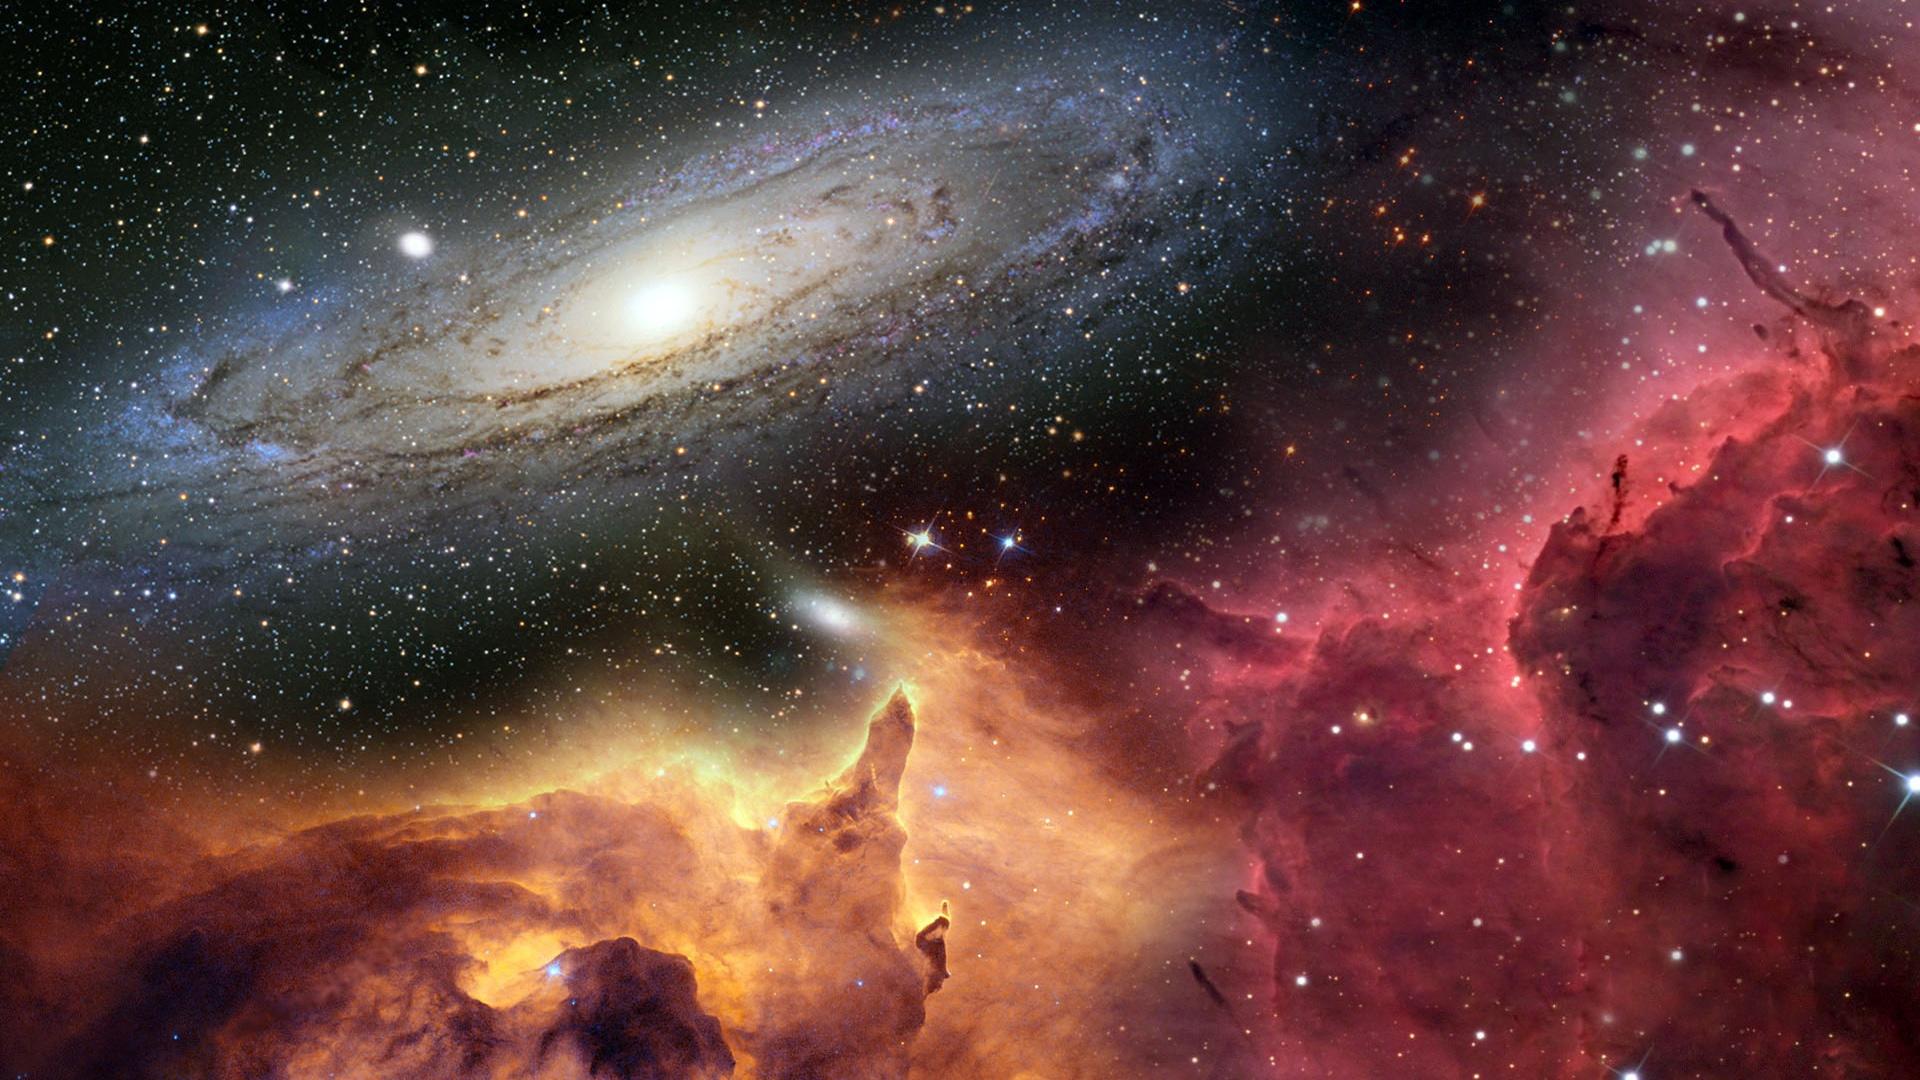 лето обещает красивые картинки нашей вселенной приготовить камбалу несложно